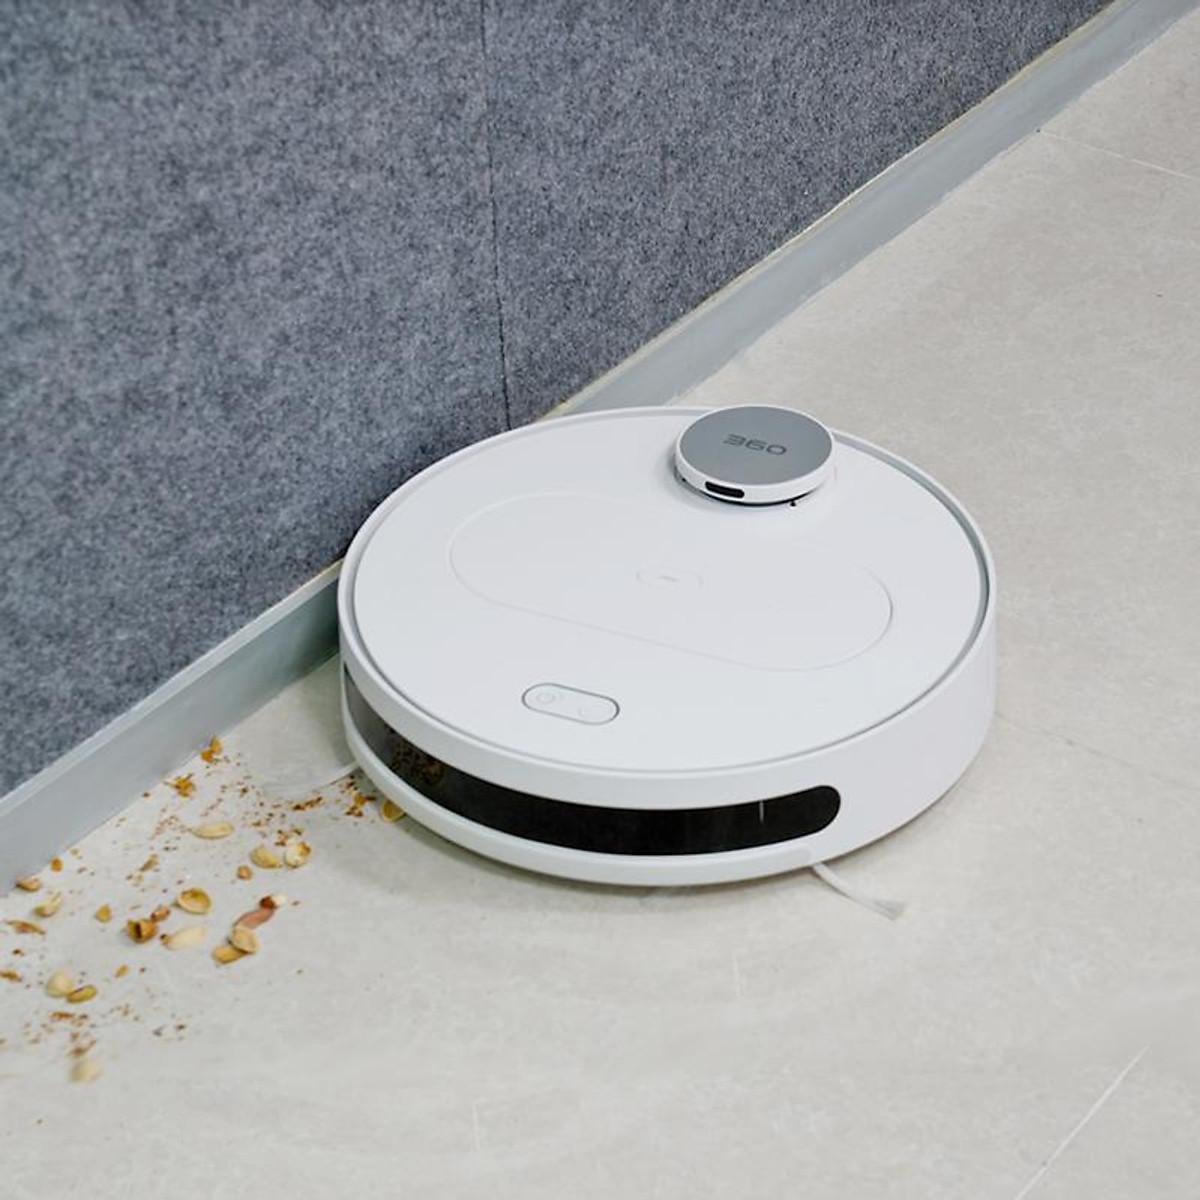 Robot hút bụi lau nhà Qihoo 360 S6 - Hàng chính hãng